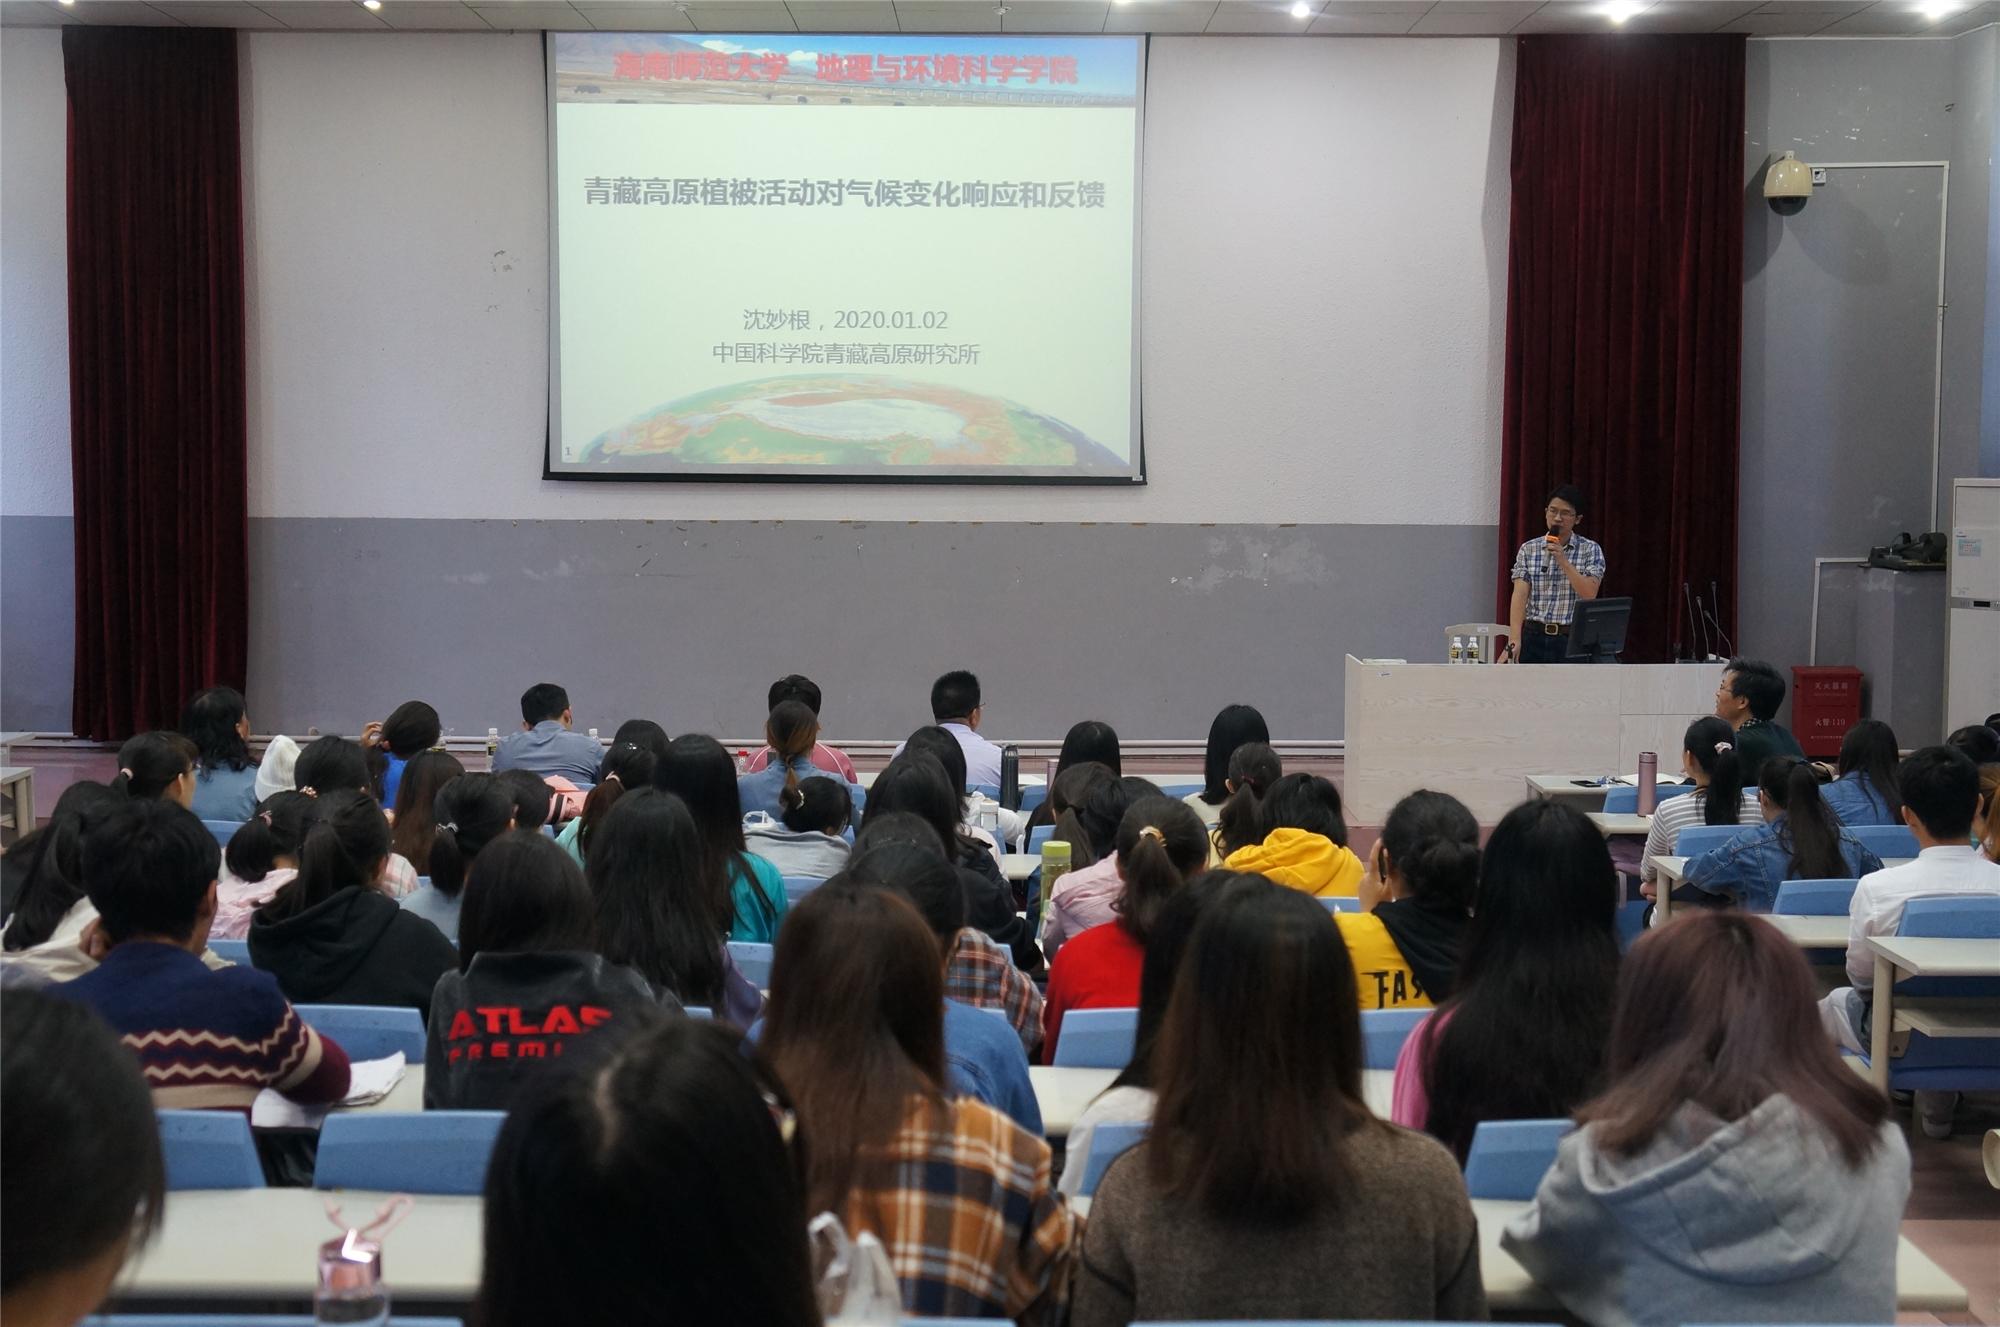 中科院青藏高原研究所博士生导师沈妙根研究员应邀来365bet亚洲官网网址讲学